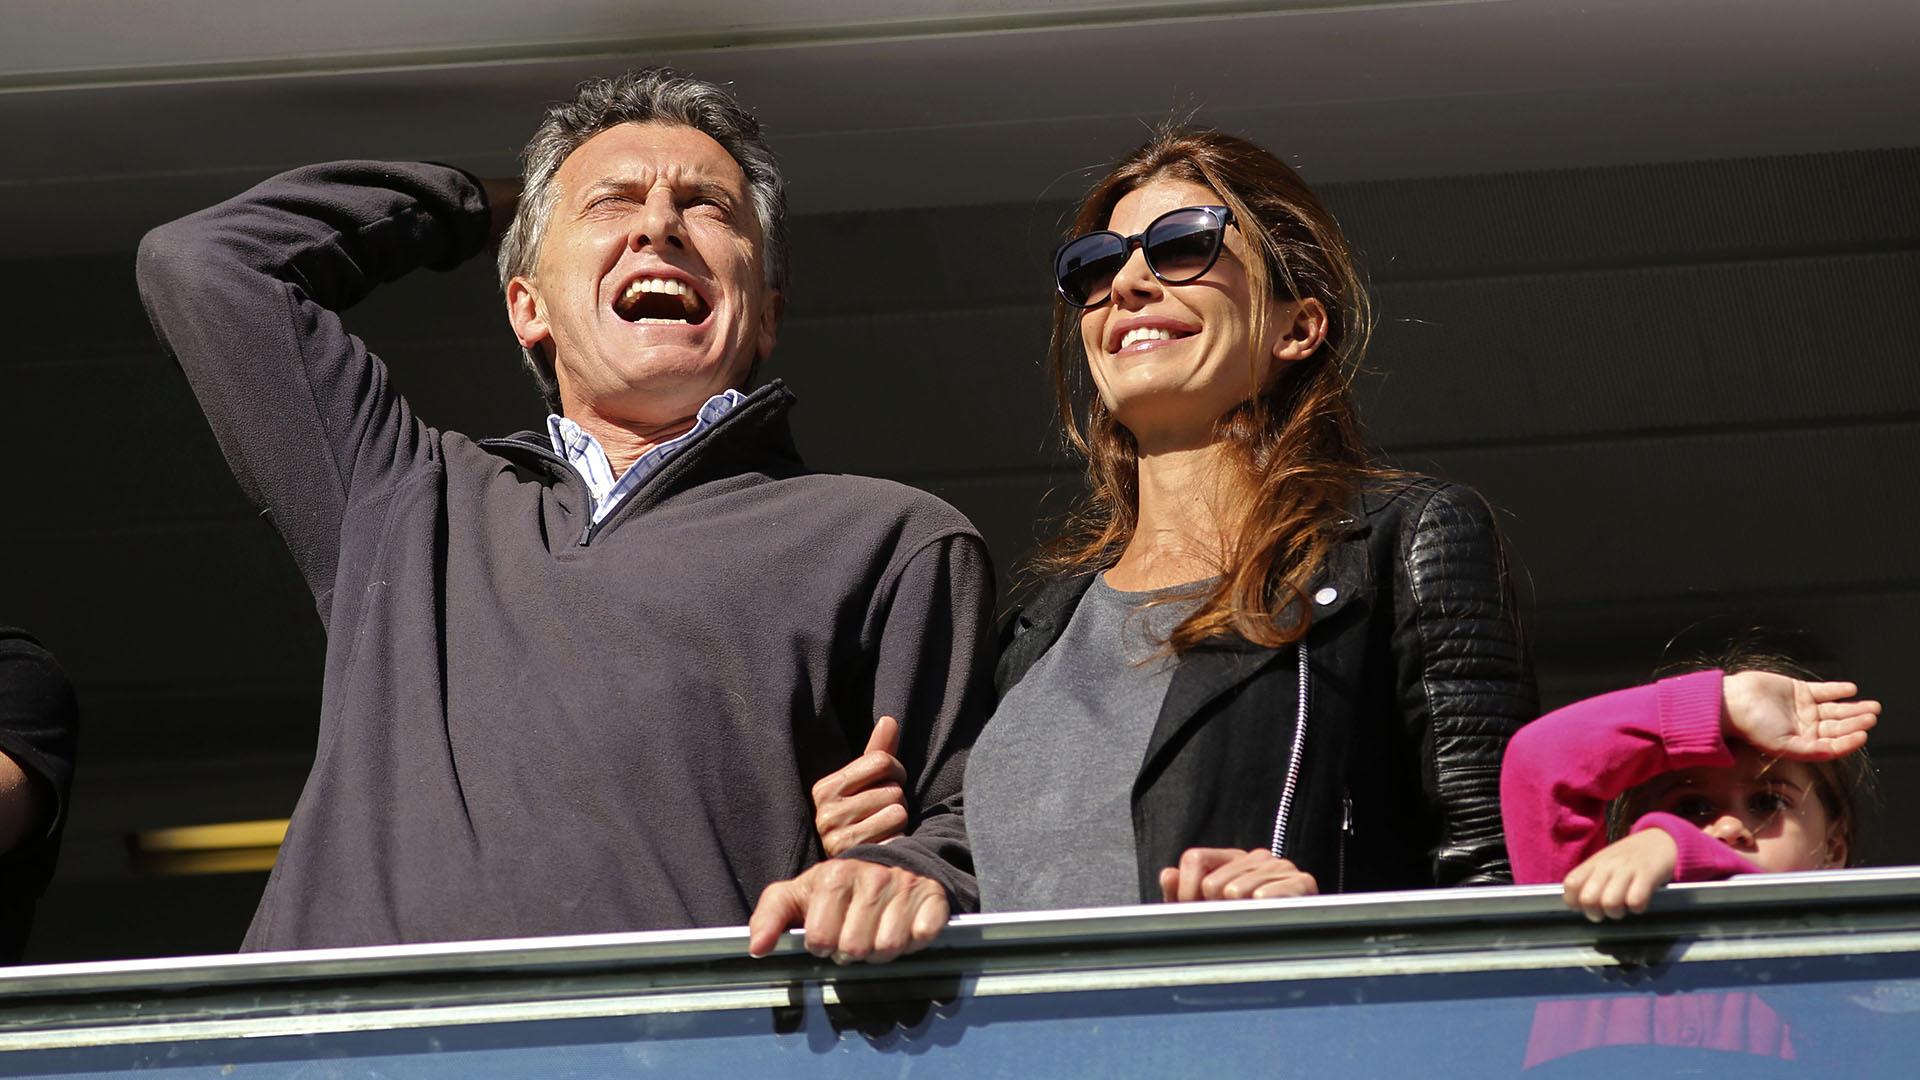 Macri fue por última vez a la cancha de Boca en 2015, cuando era candidato. Este año dijo que no irá